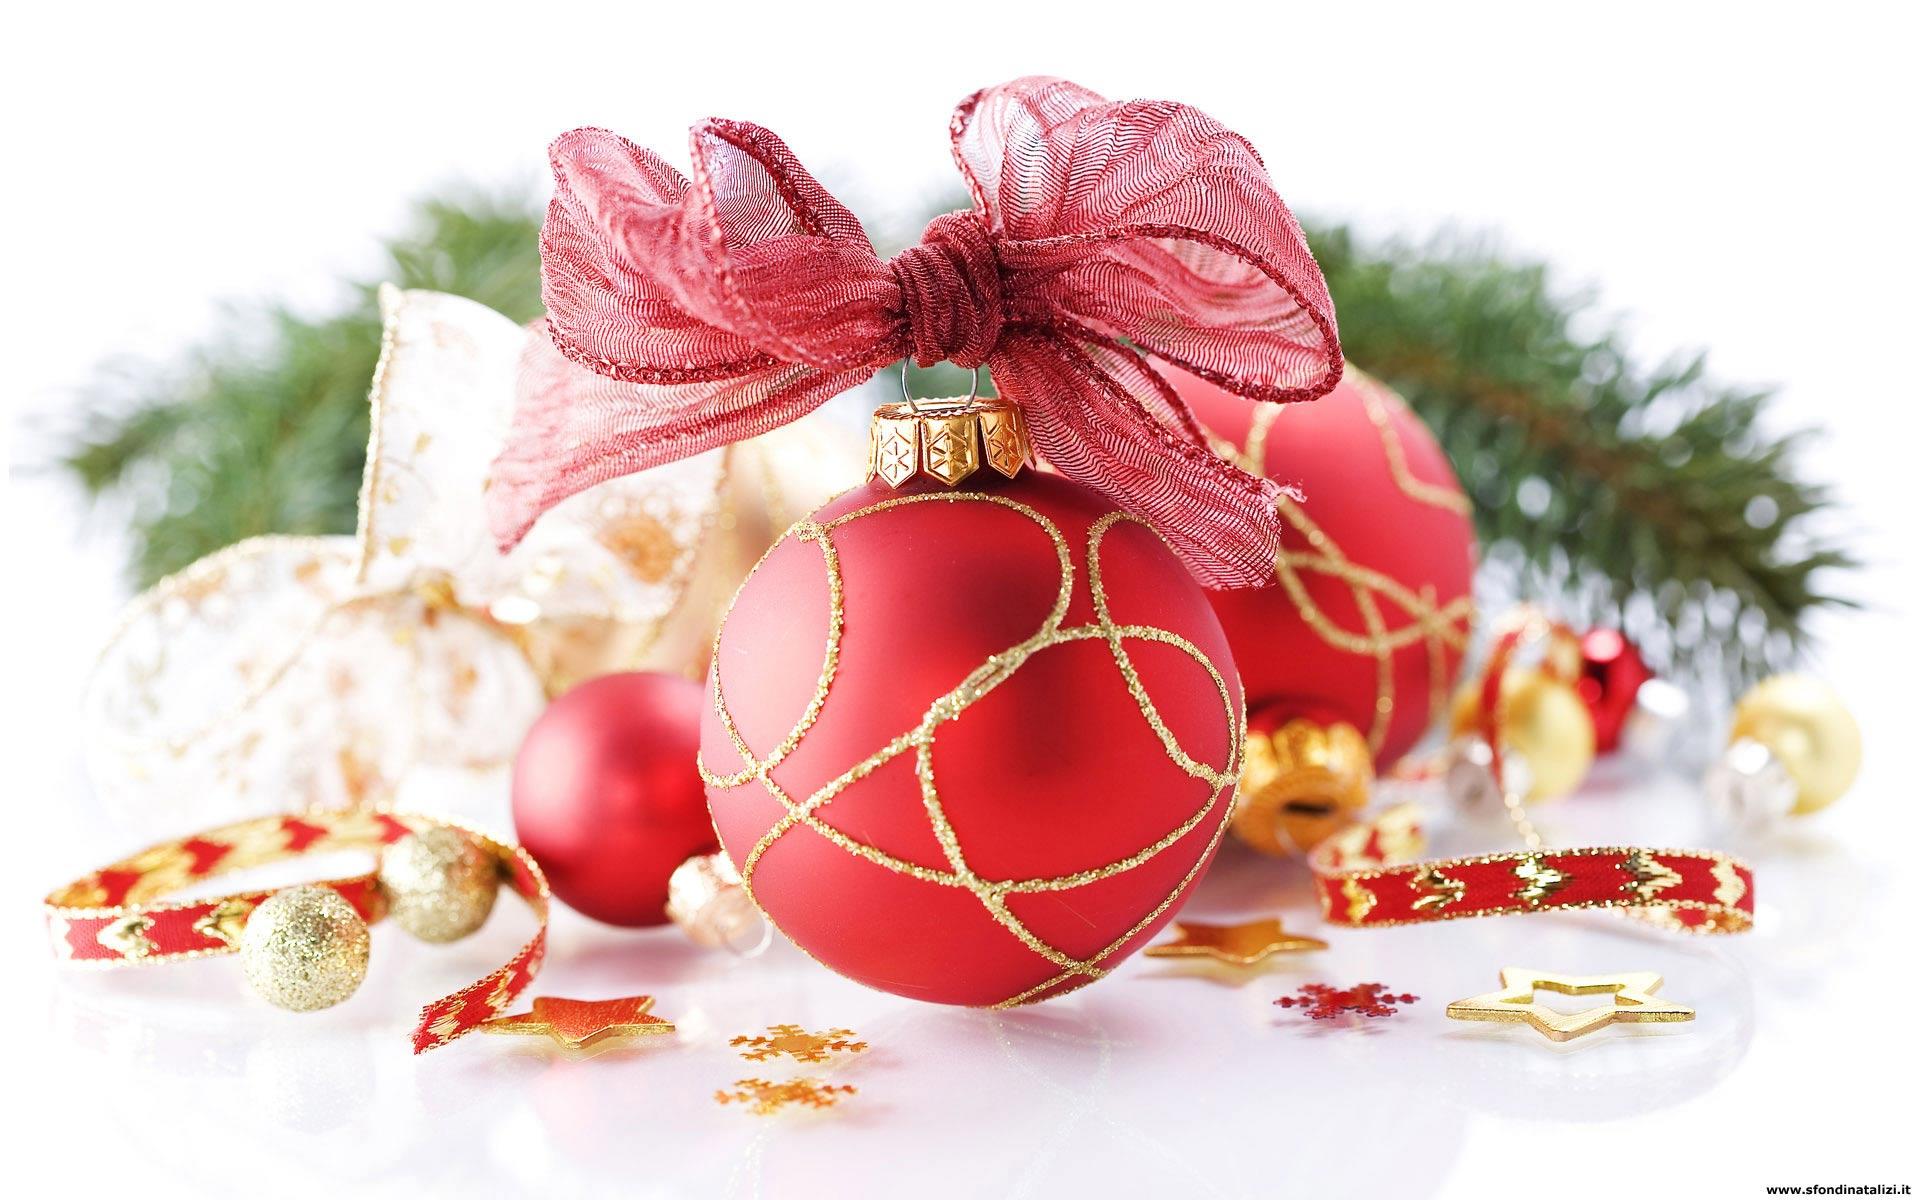 Sfondo natalizio sfondo desktop palline natale for Immagini natale gratis